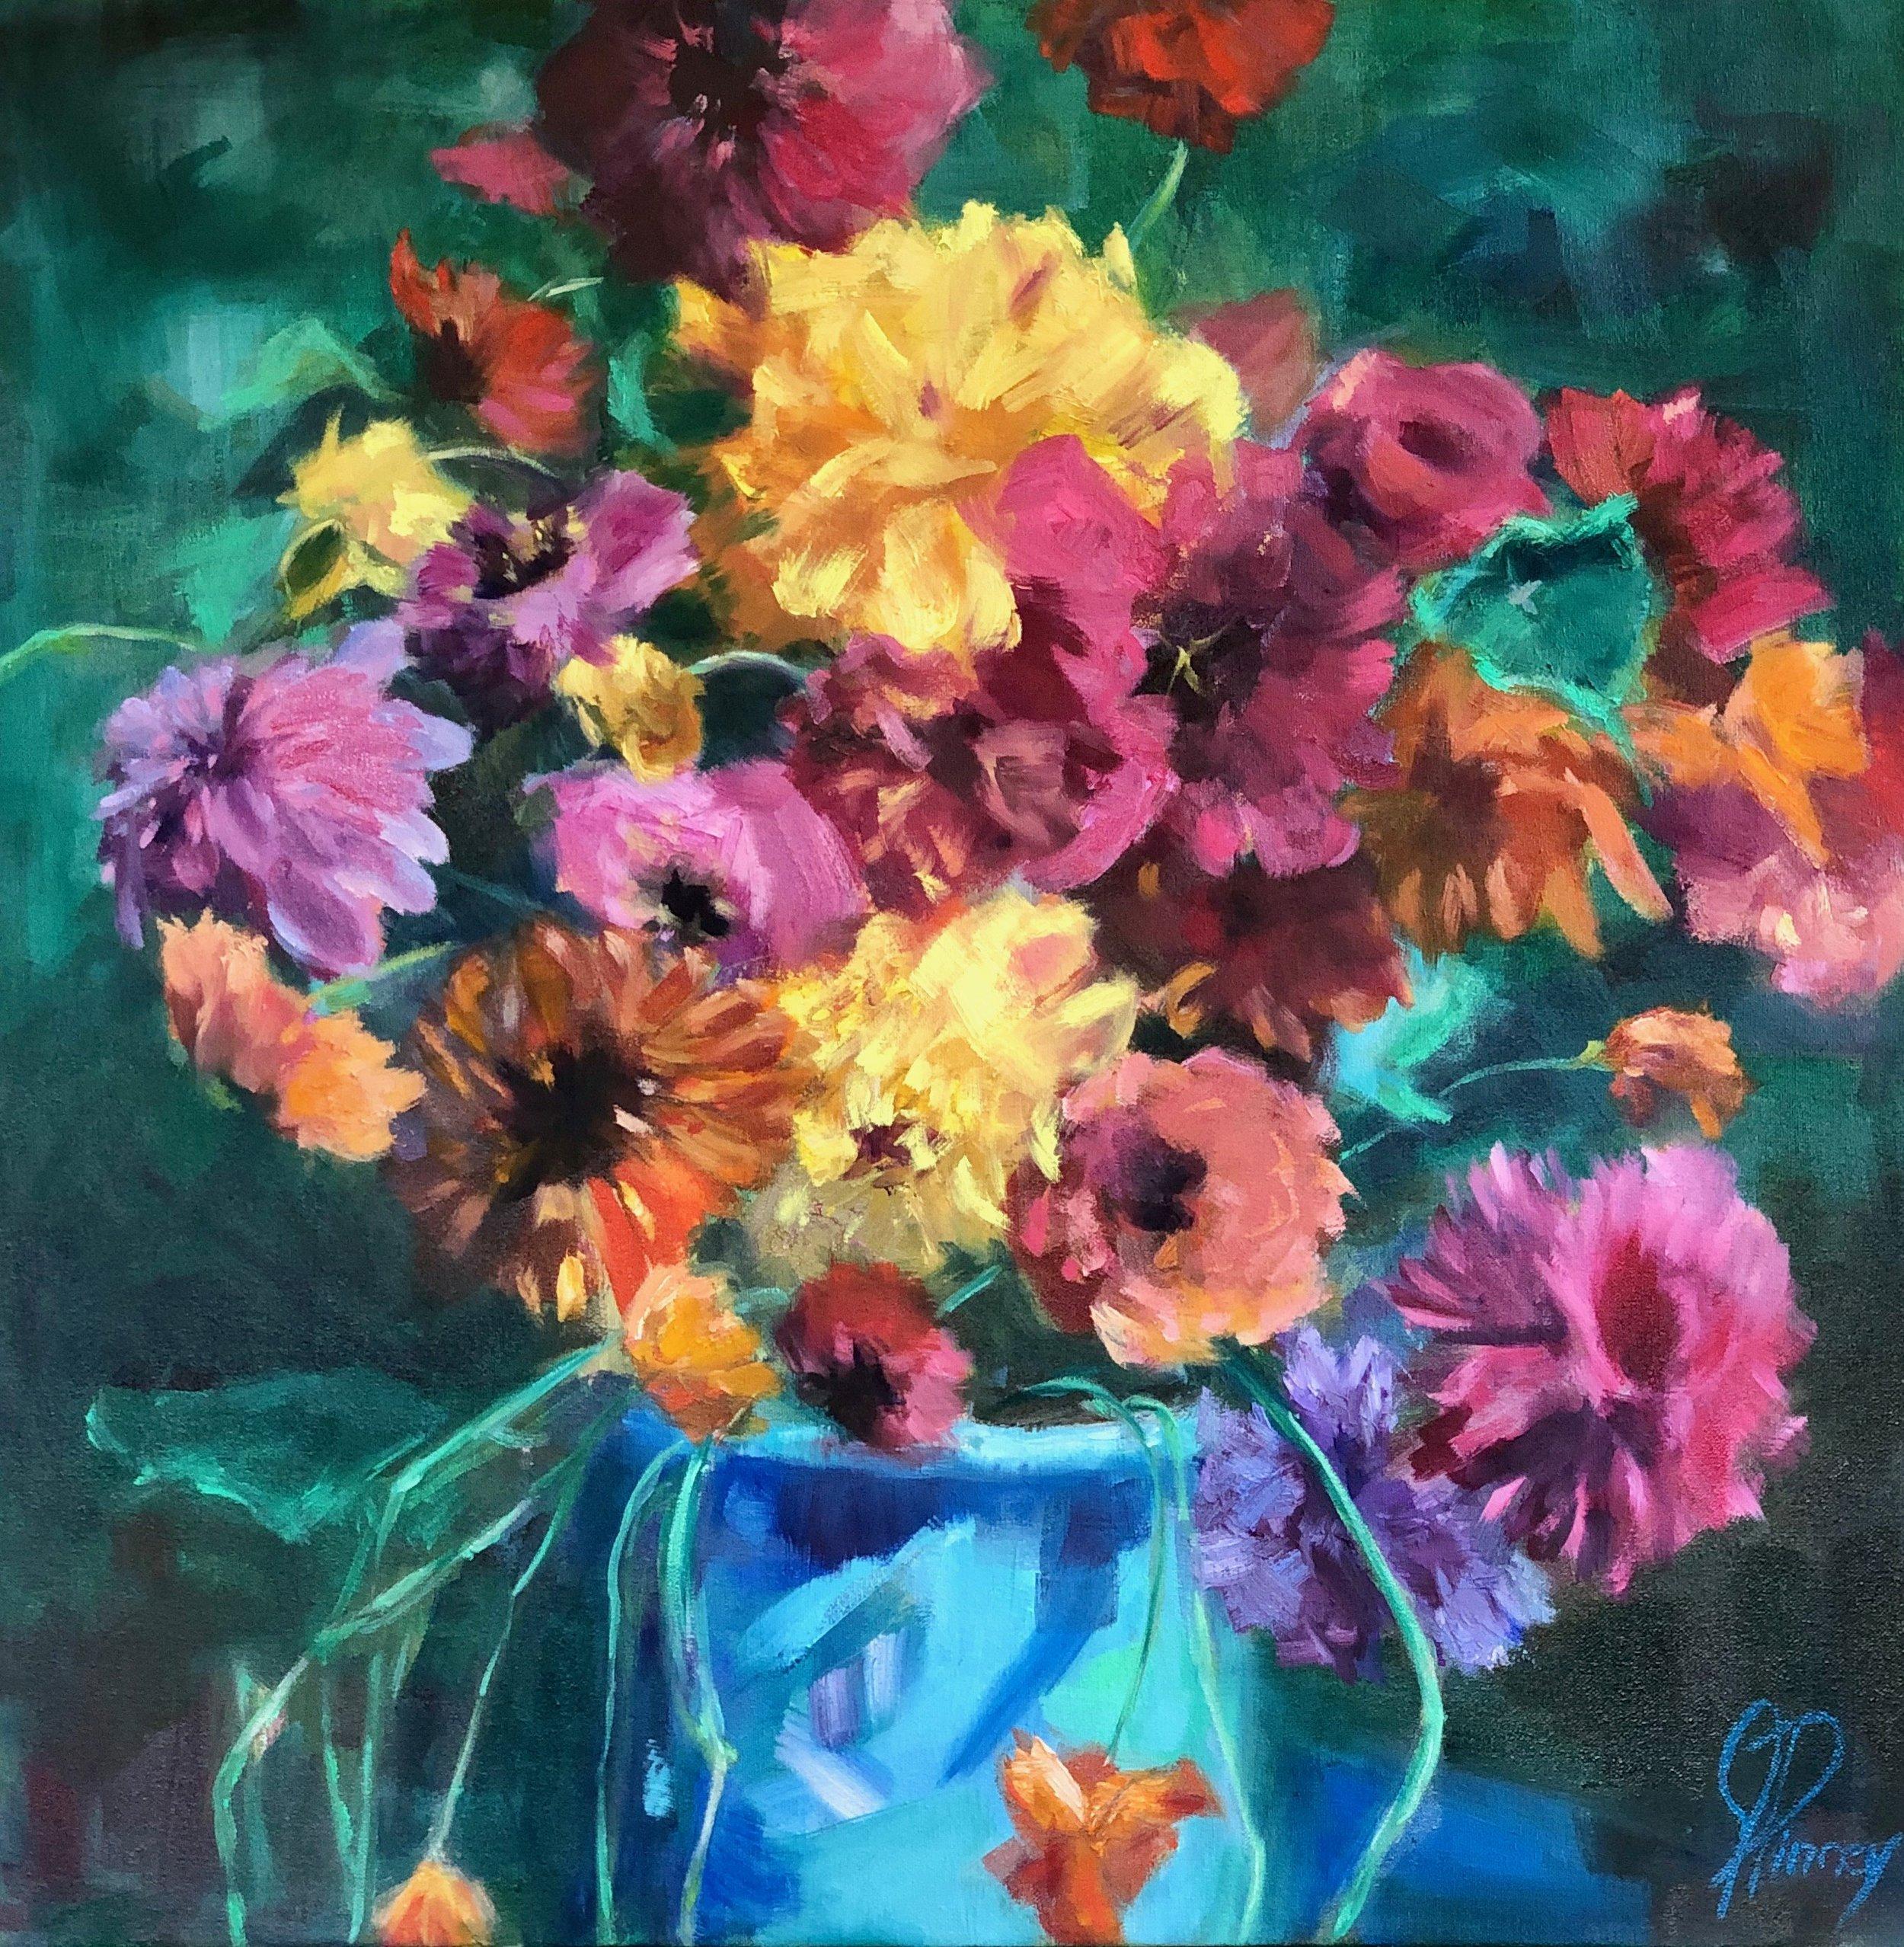 Blue Vase 24X24 oil on canvas $900 copy.jpeg